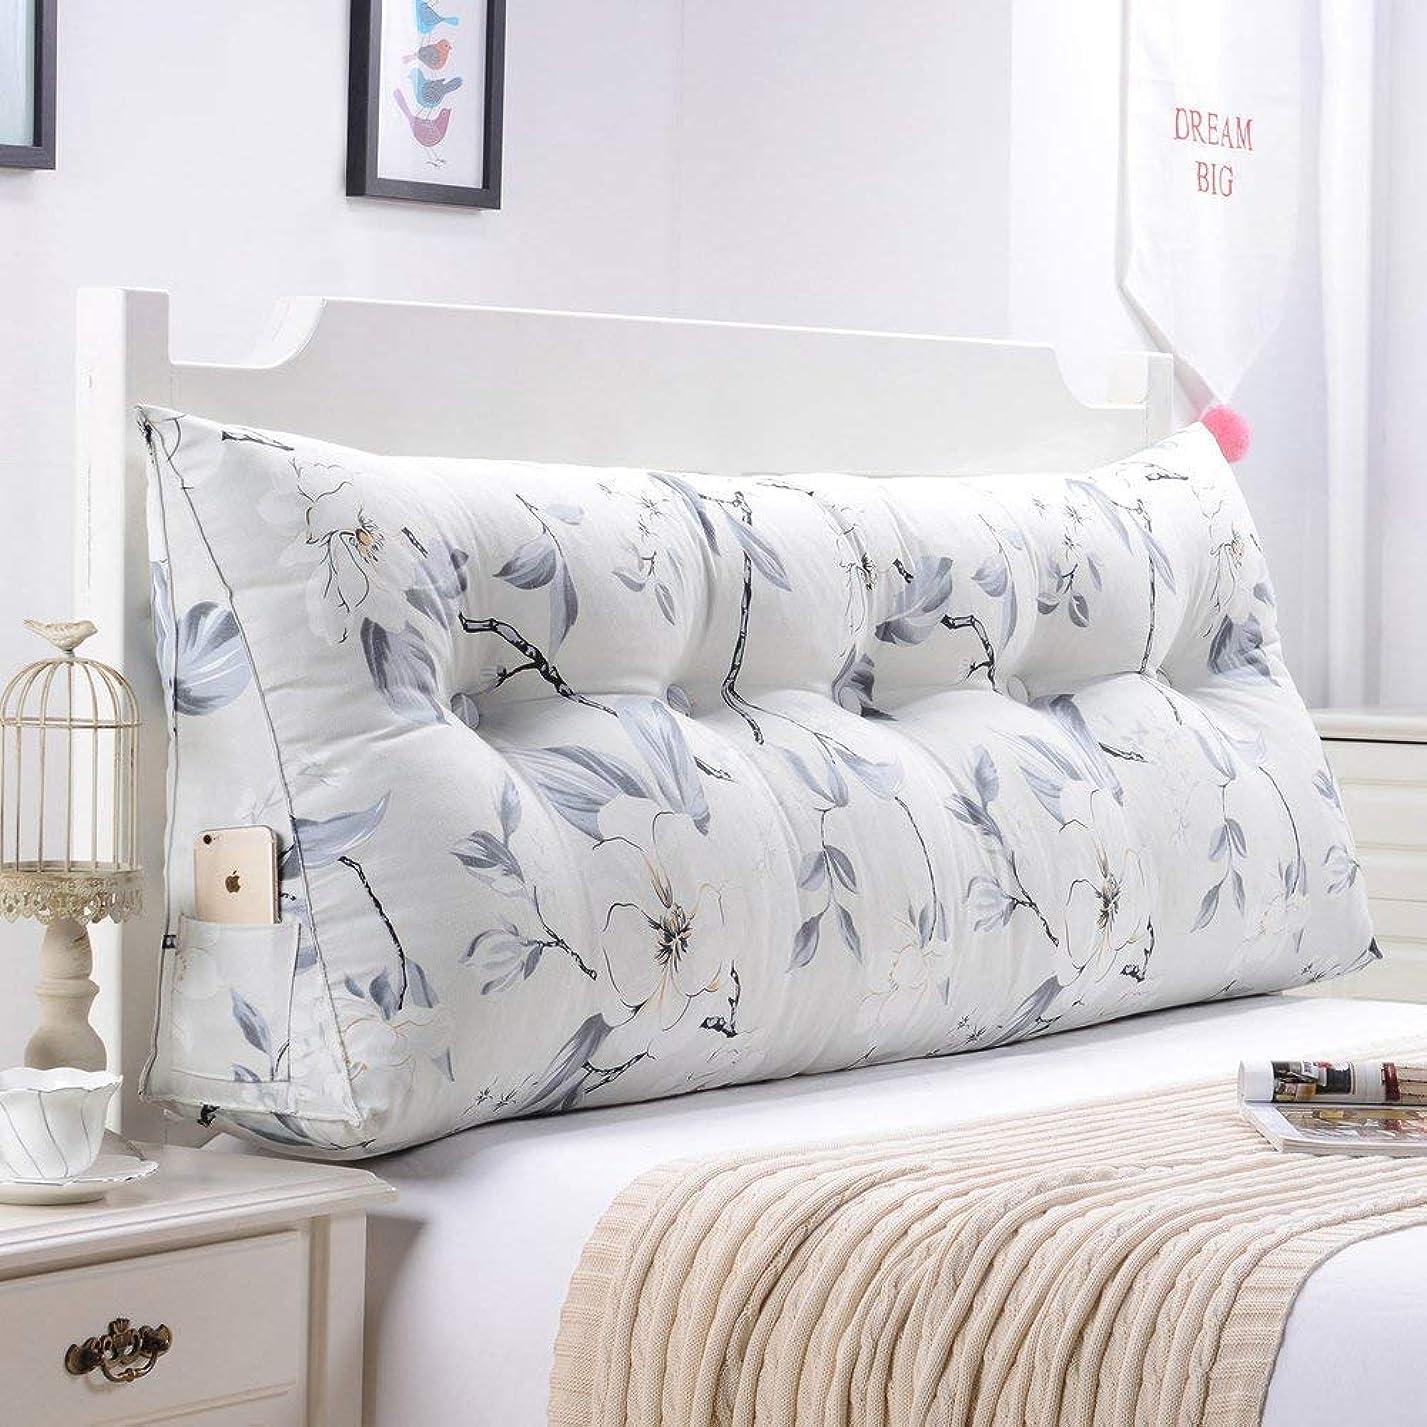 モトリー追加アリーナ2J-QingYun Trade ベッドサイド三角ウェッジ、読書枕、背もたれクッションマットクッション取り外し可能背もたれポジショニングサポート枕 (Color : U, サイズ : 70x50x20cm(28x20x8inch))